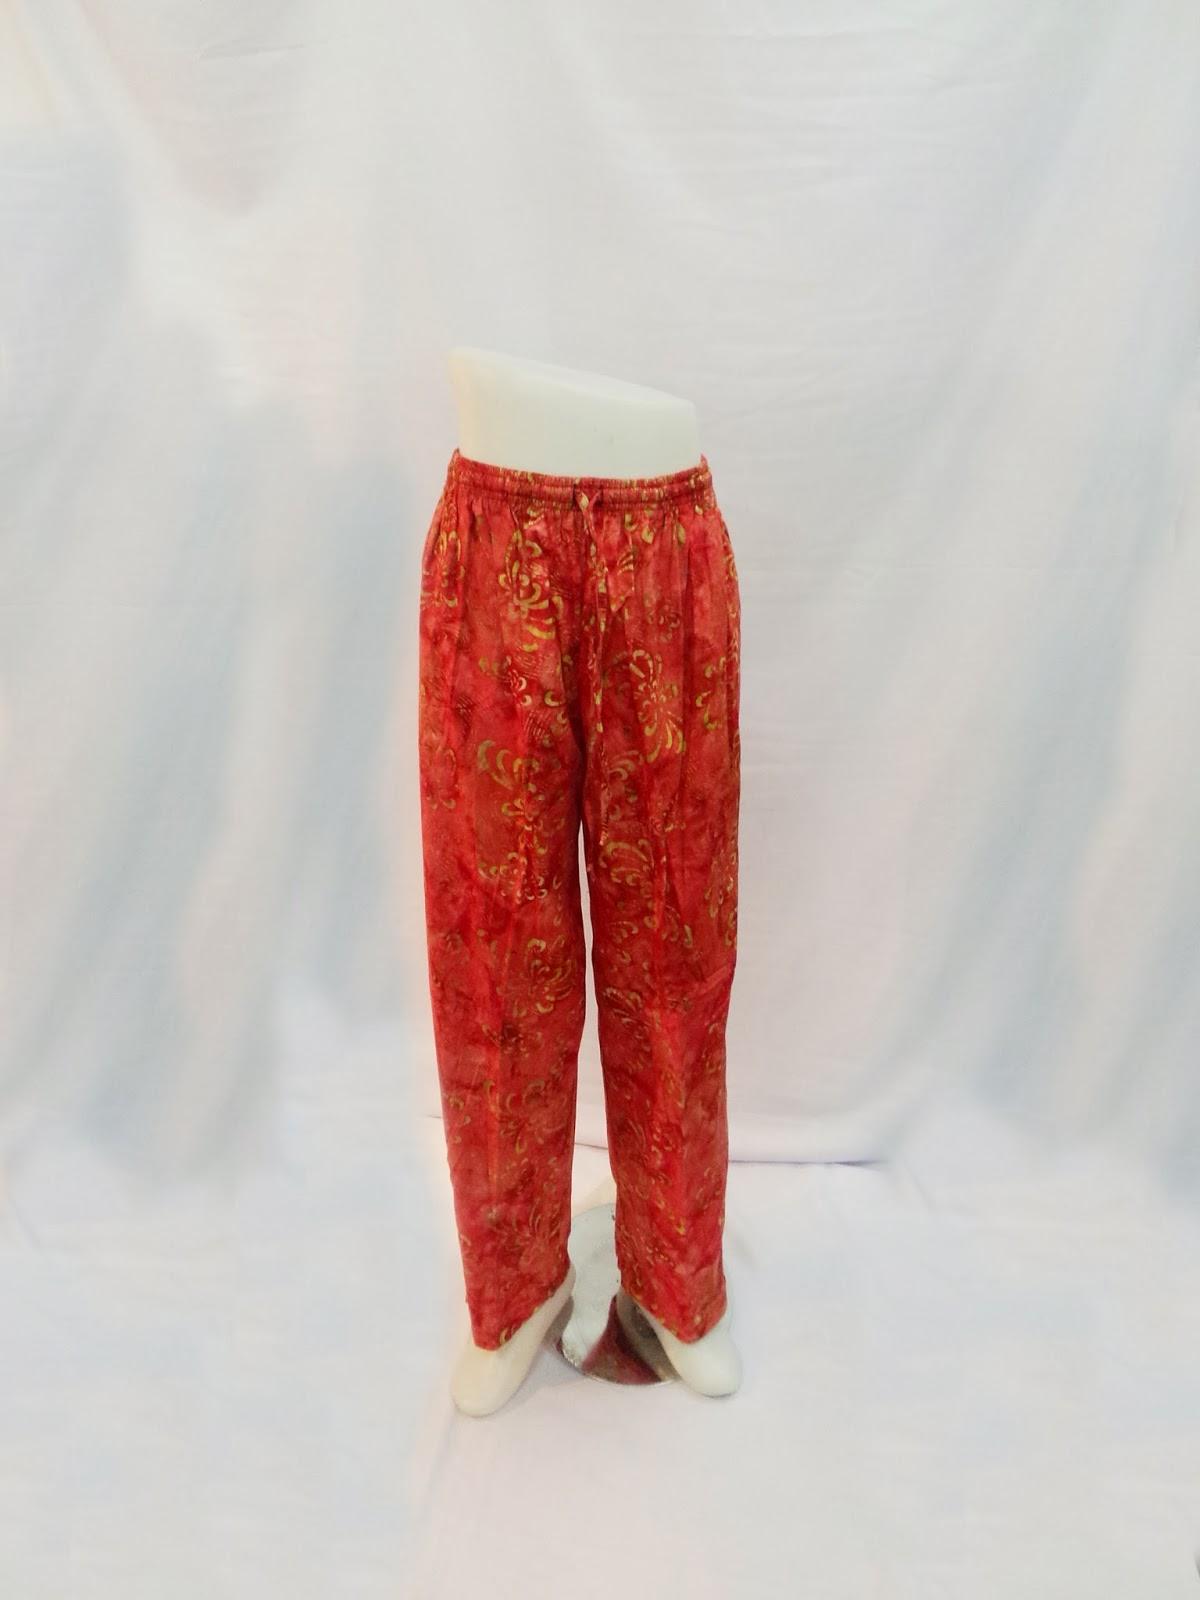 Batik Grosir Waroeng Opera Indonesian Craft  Celana dan Rok Batik ca3dea7227